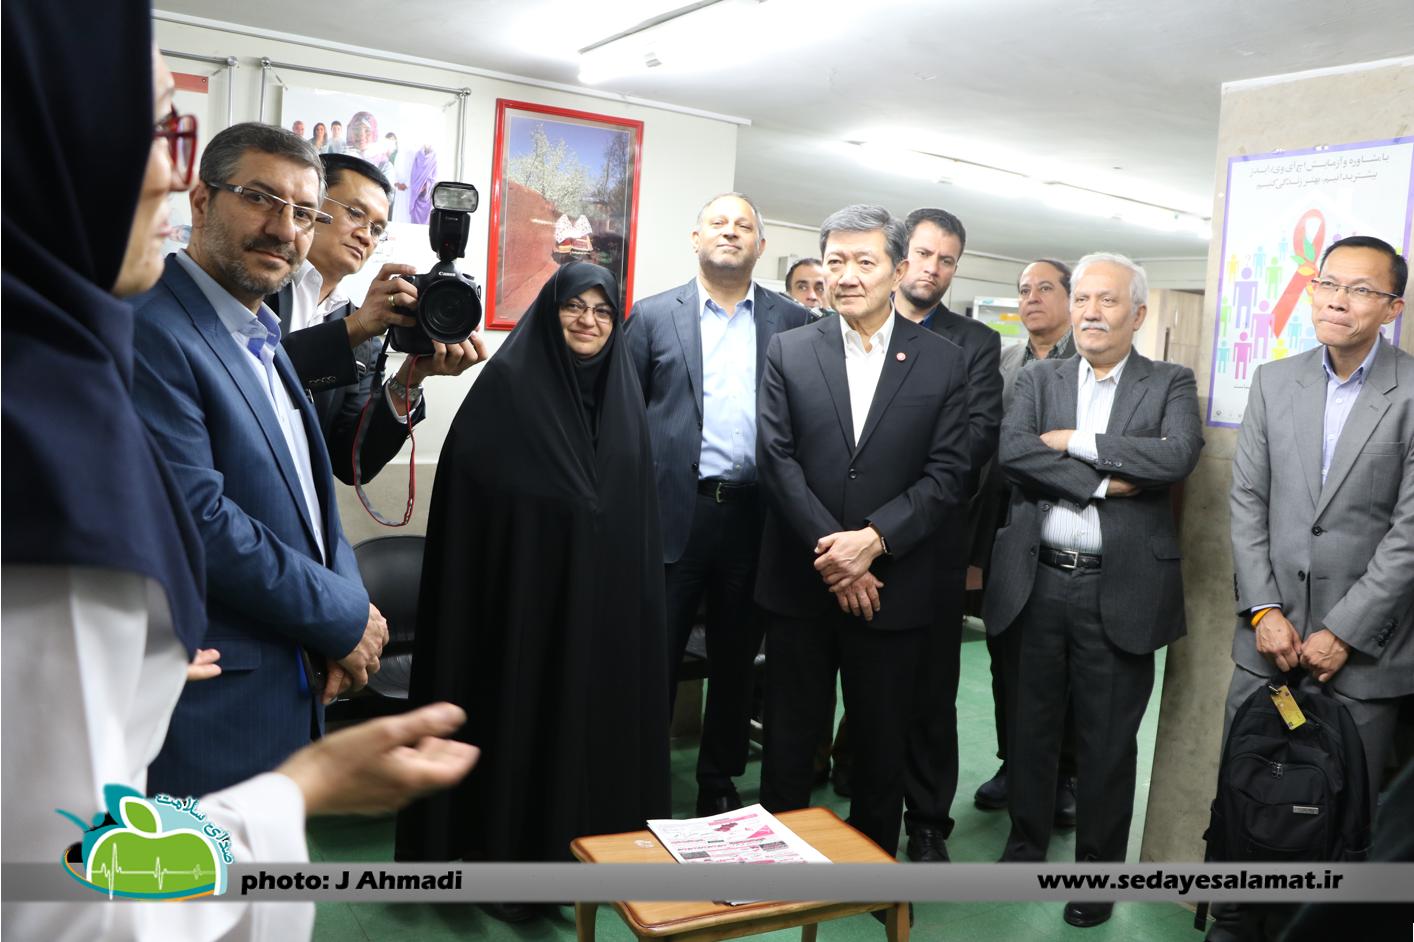 سفر وزیر بهداشت تایلند به اصفهان (6)